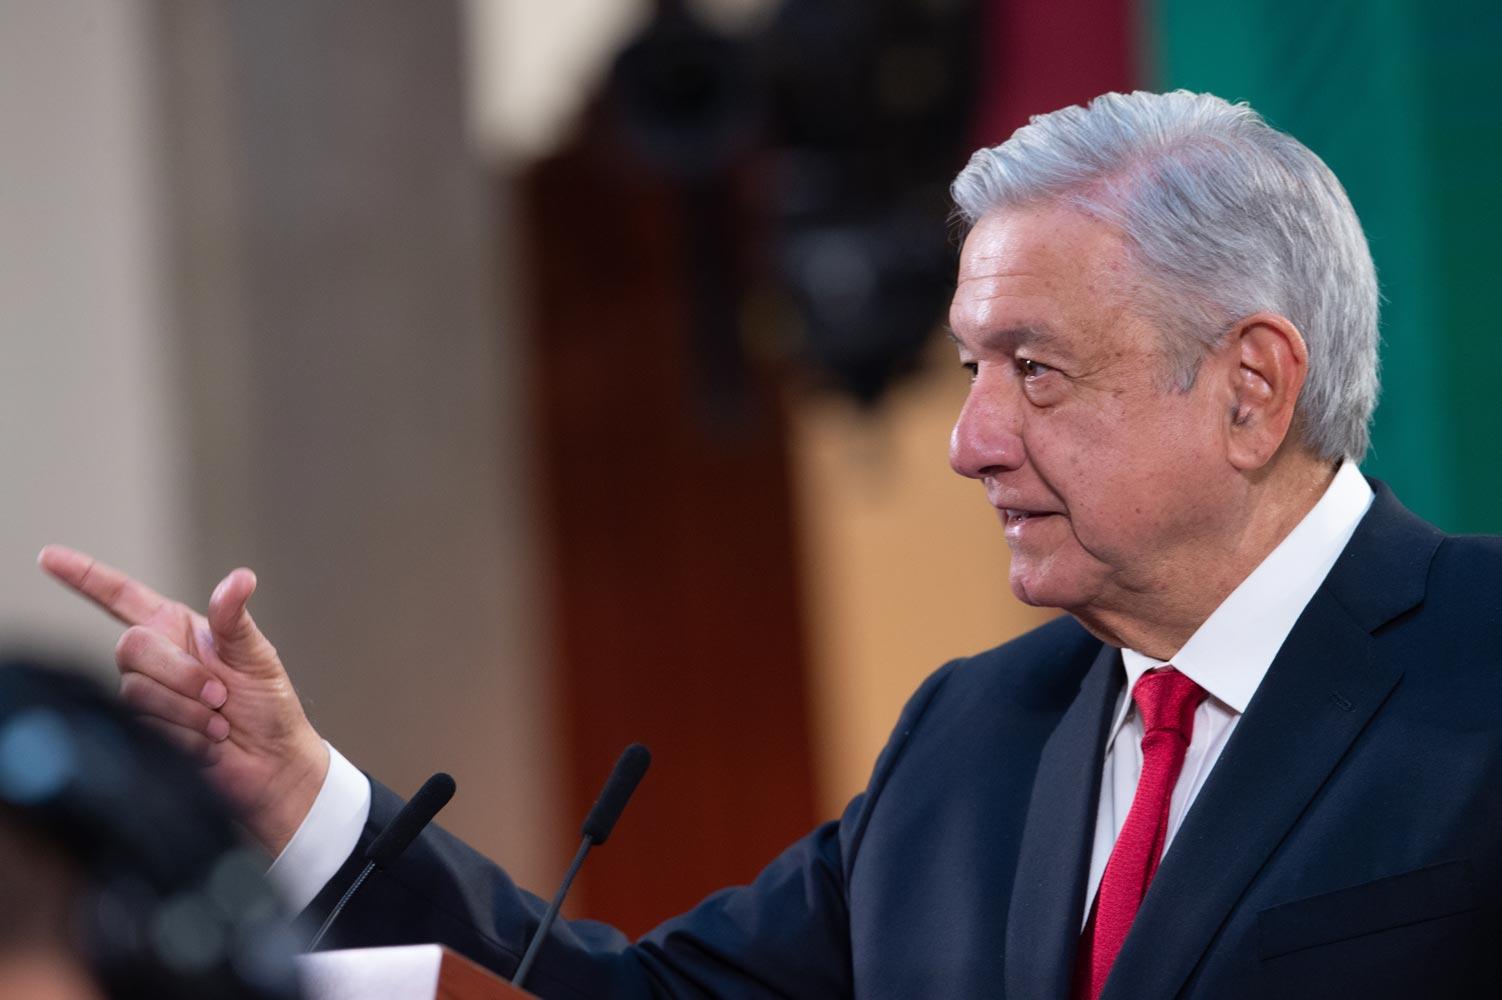 FOTO DE ARCHIVO Jueves 14 de enero de 2021. Presidente mexicano Andrés Manuel López Obrador. Foto por gobierno mexicano.